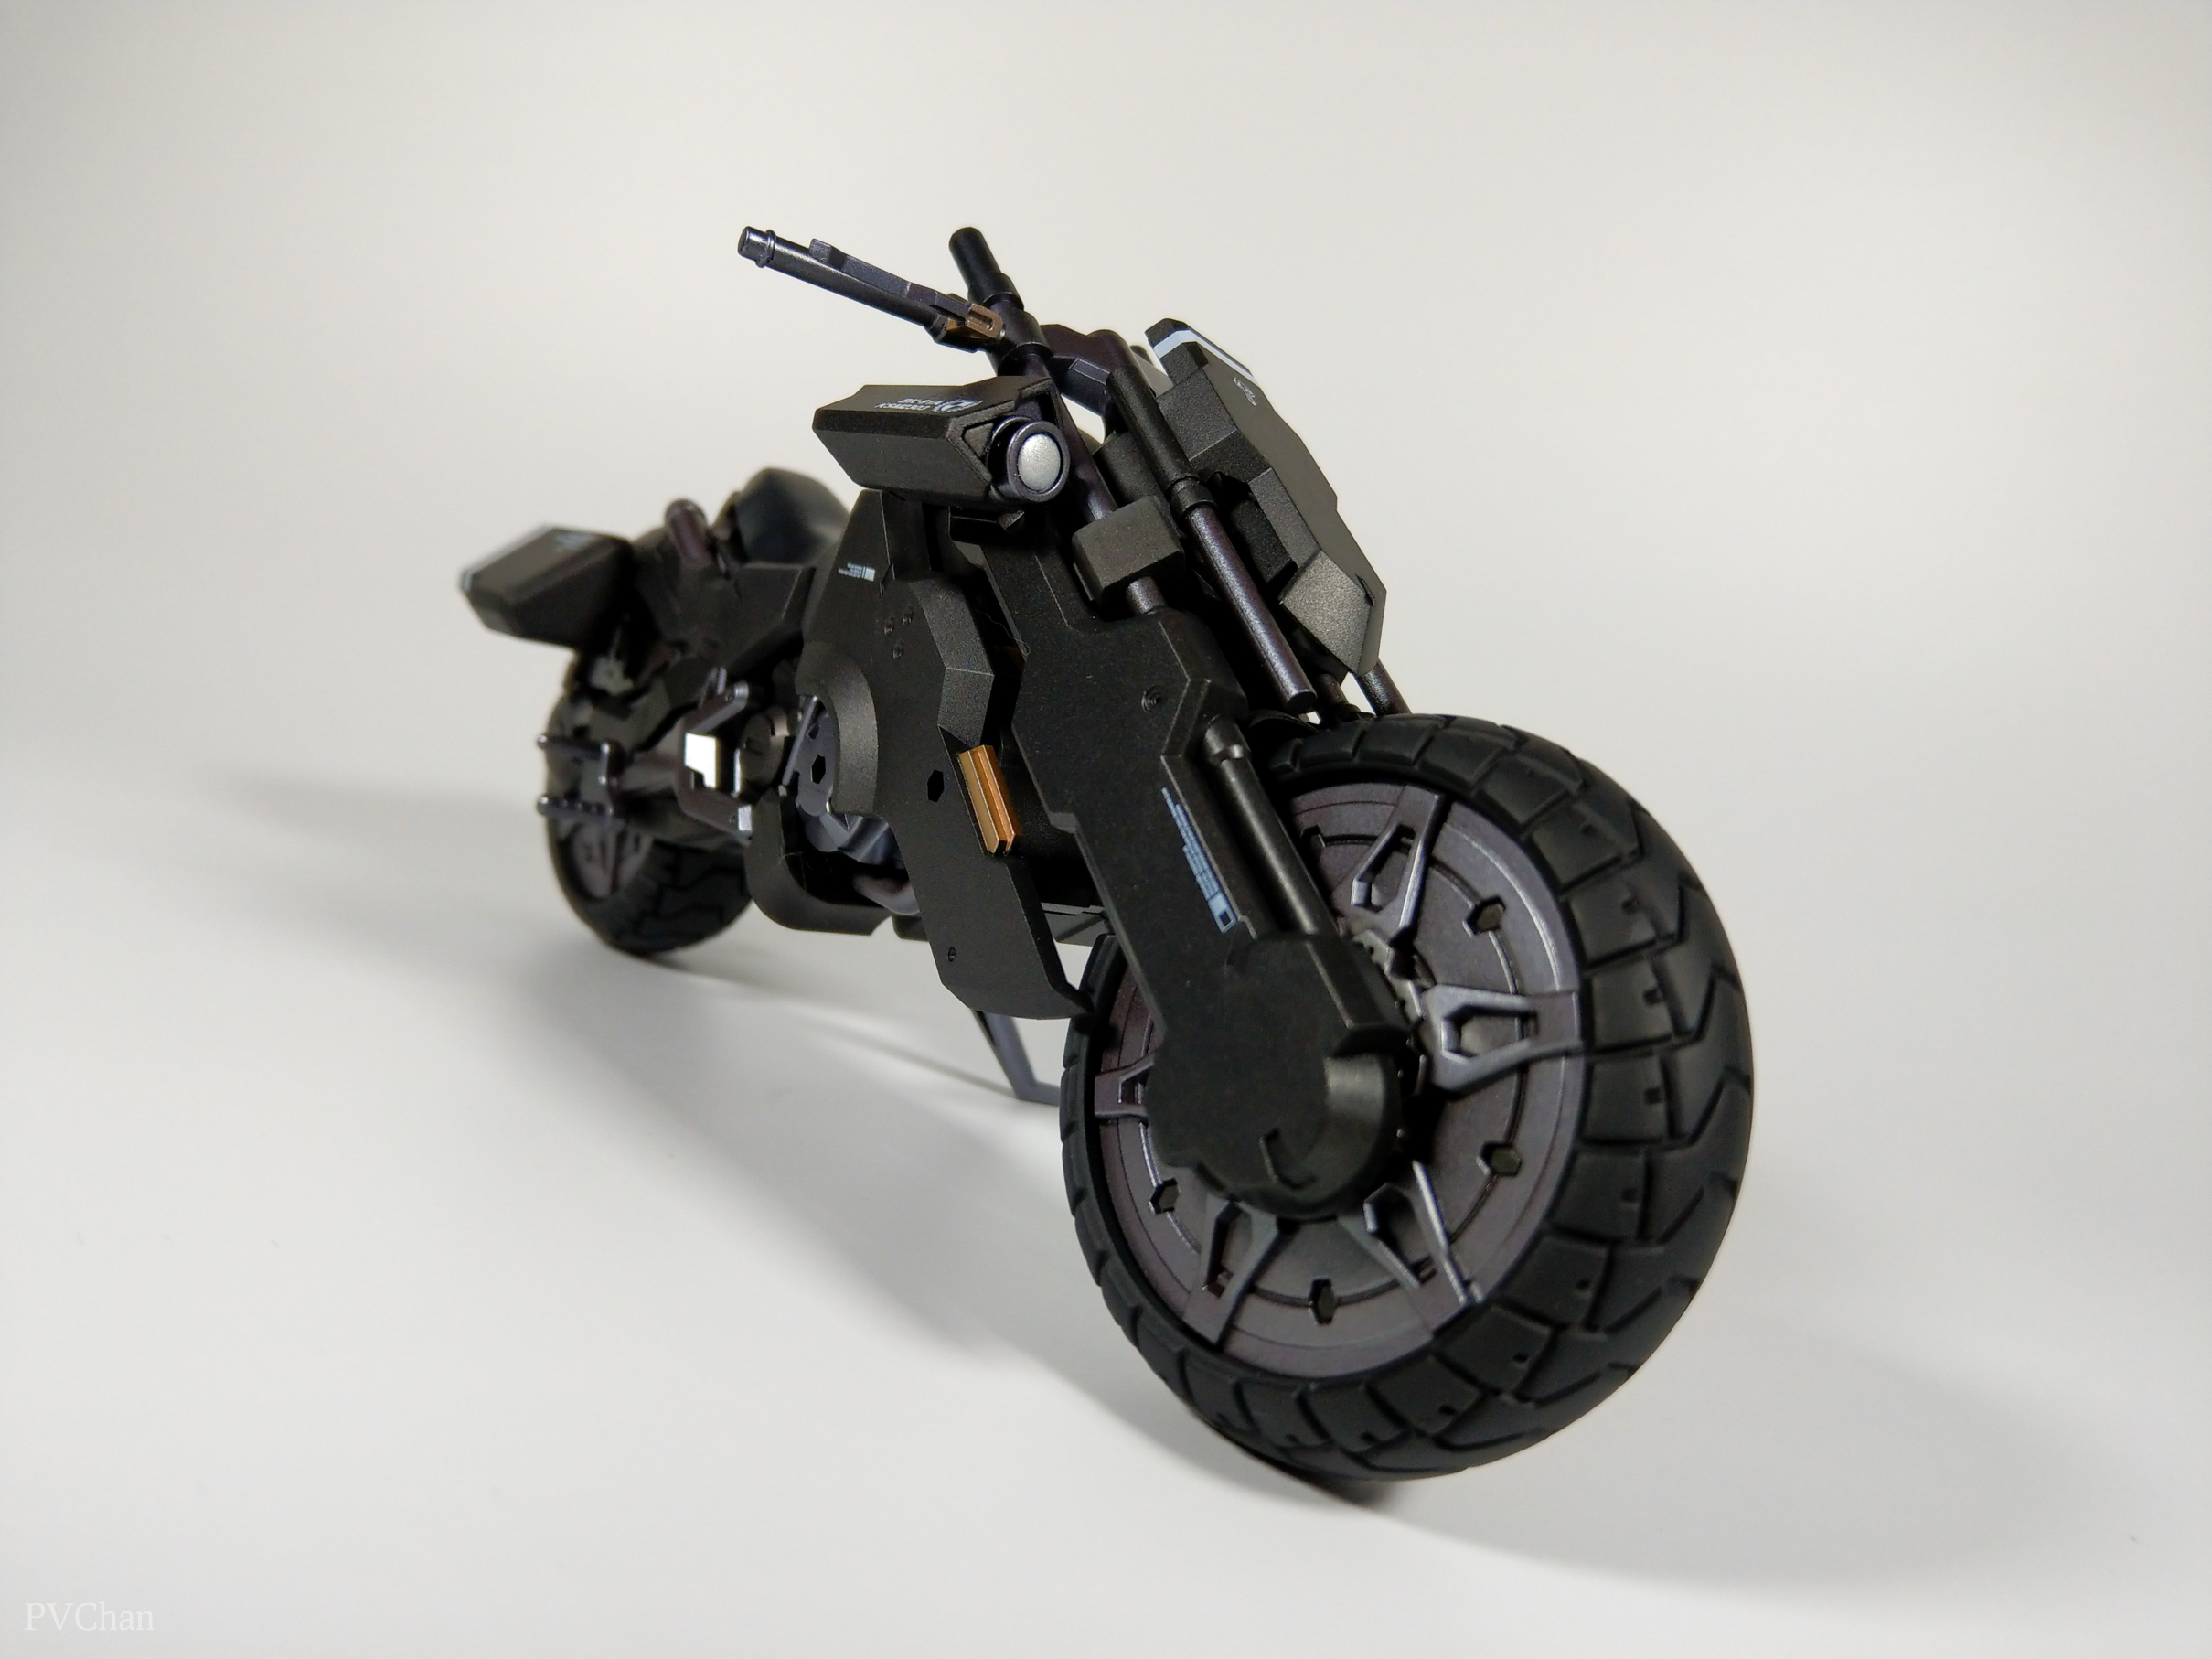 Необычное пополнение коллекции - байк из серии ex:ride от Max Factory. - Изображение 4